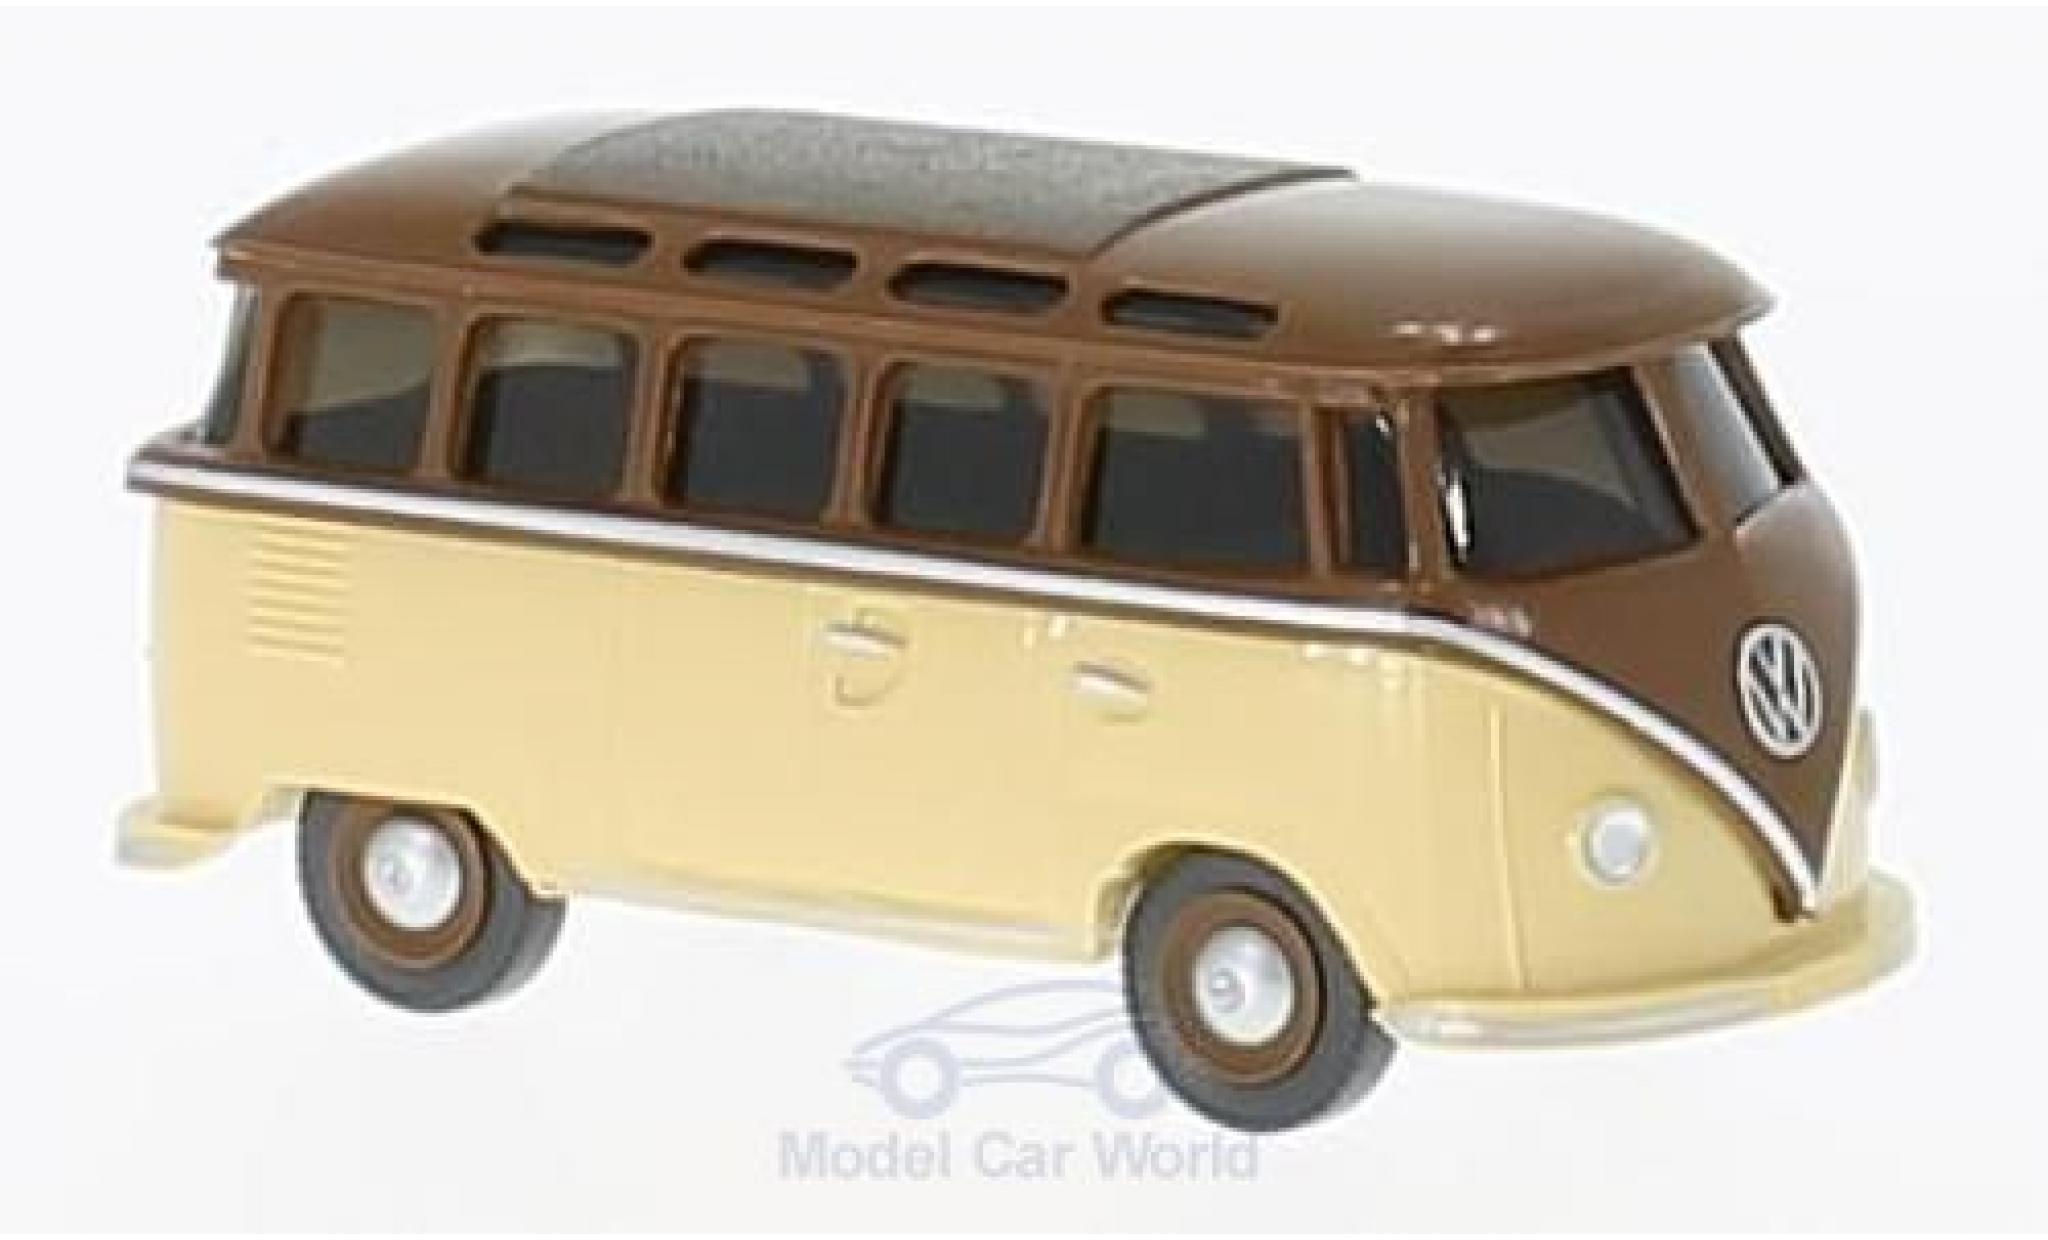 Volkswagen T1 B 1/87 Wiking brown/beige Sambabus